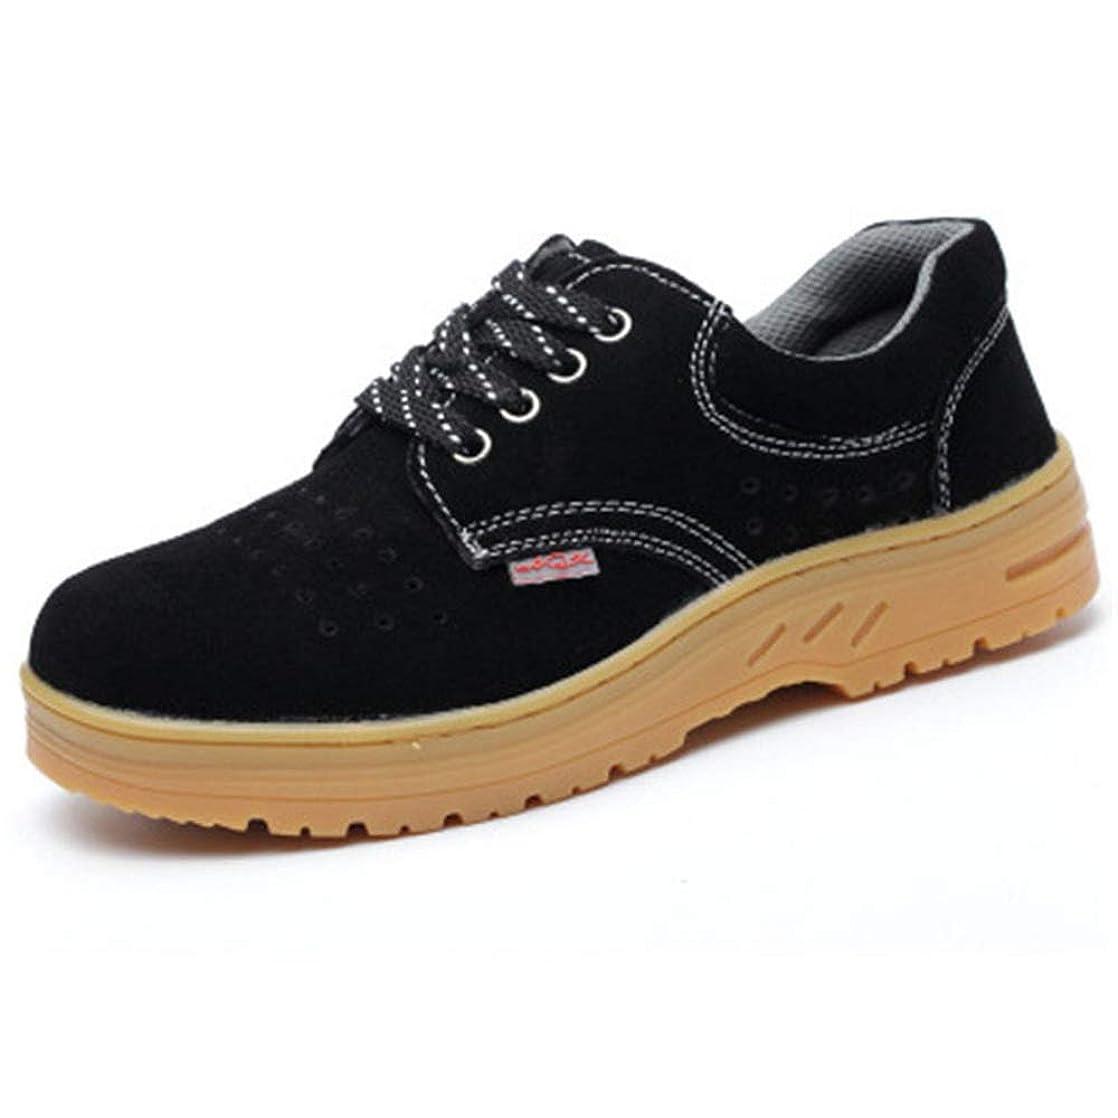 端末ローストボリュームショートブーツ 安全靴 作業靴 メンズ スエード レースアップ 踏み抜き防止 刺す叩く防止 防油 防汚 抗菌 防臭加工 通気性 軽量 クッション性 鋼製ミッドソール 耐磨耗 衝撃吸収 ブラック ブラウン